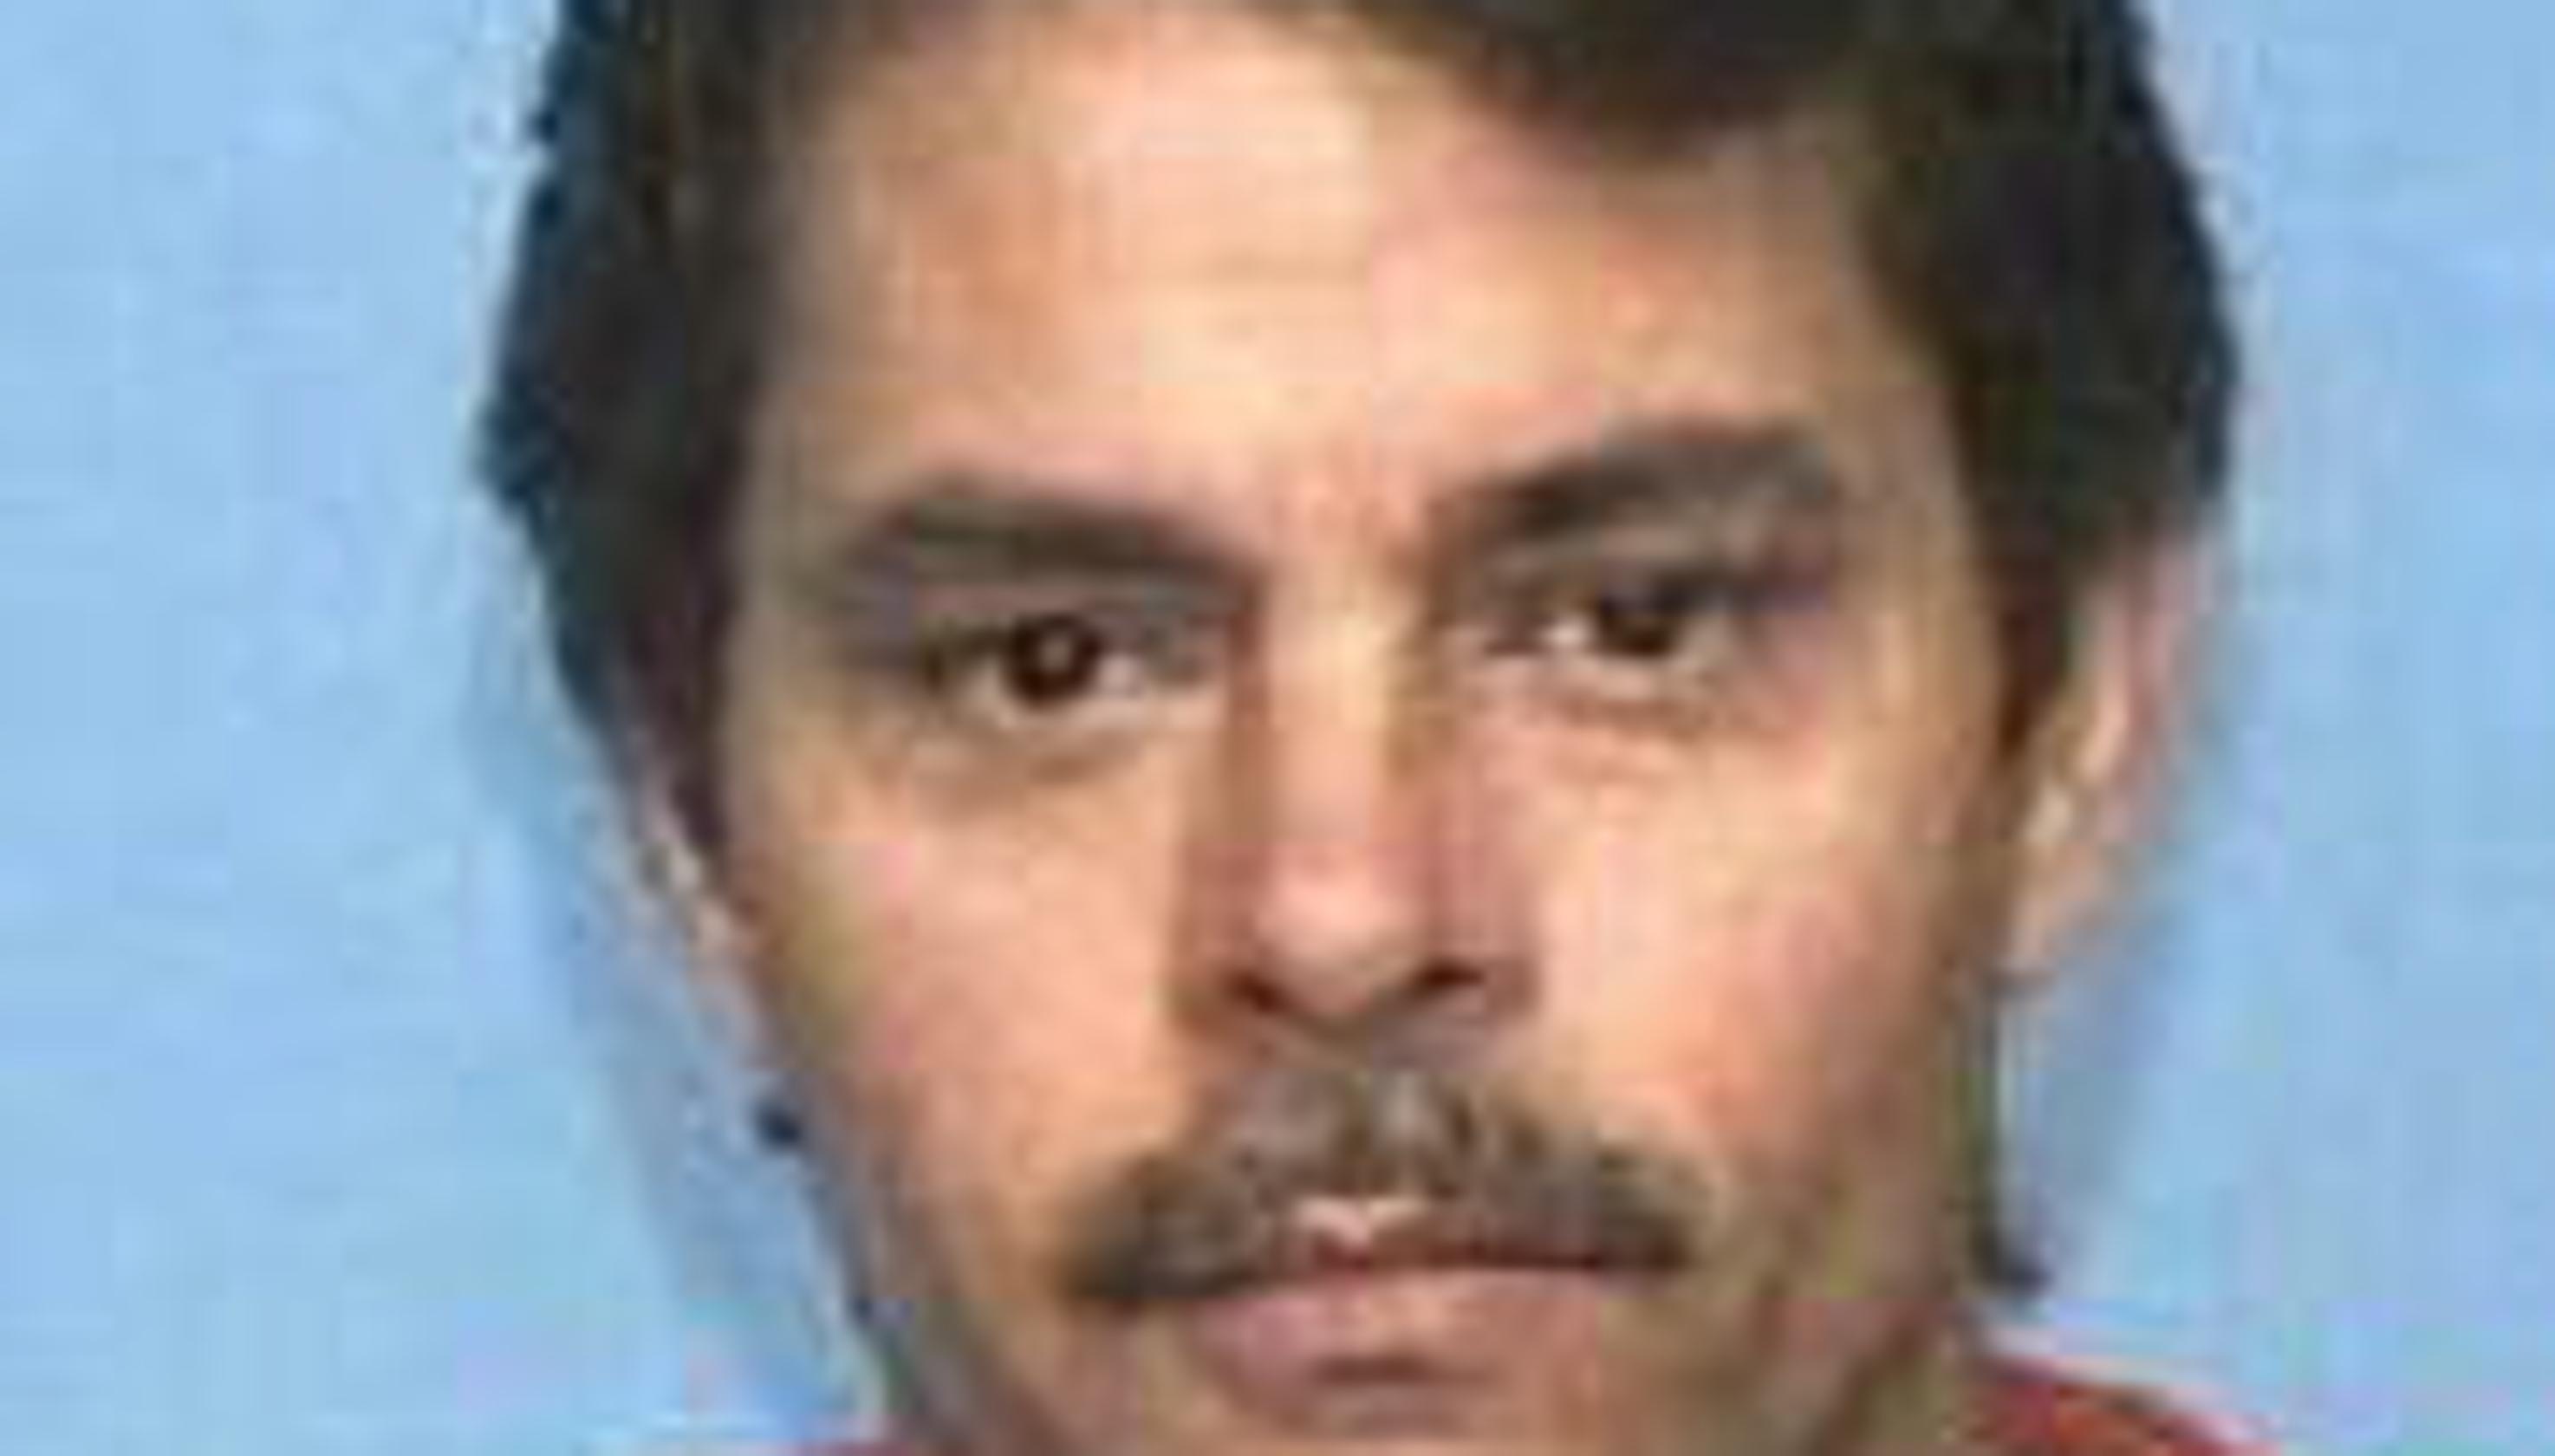 Police link serial killer Robert Brashers to cold cases in 4